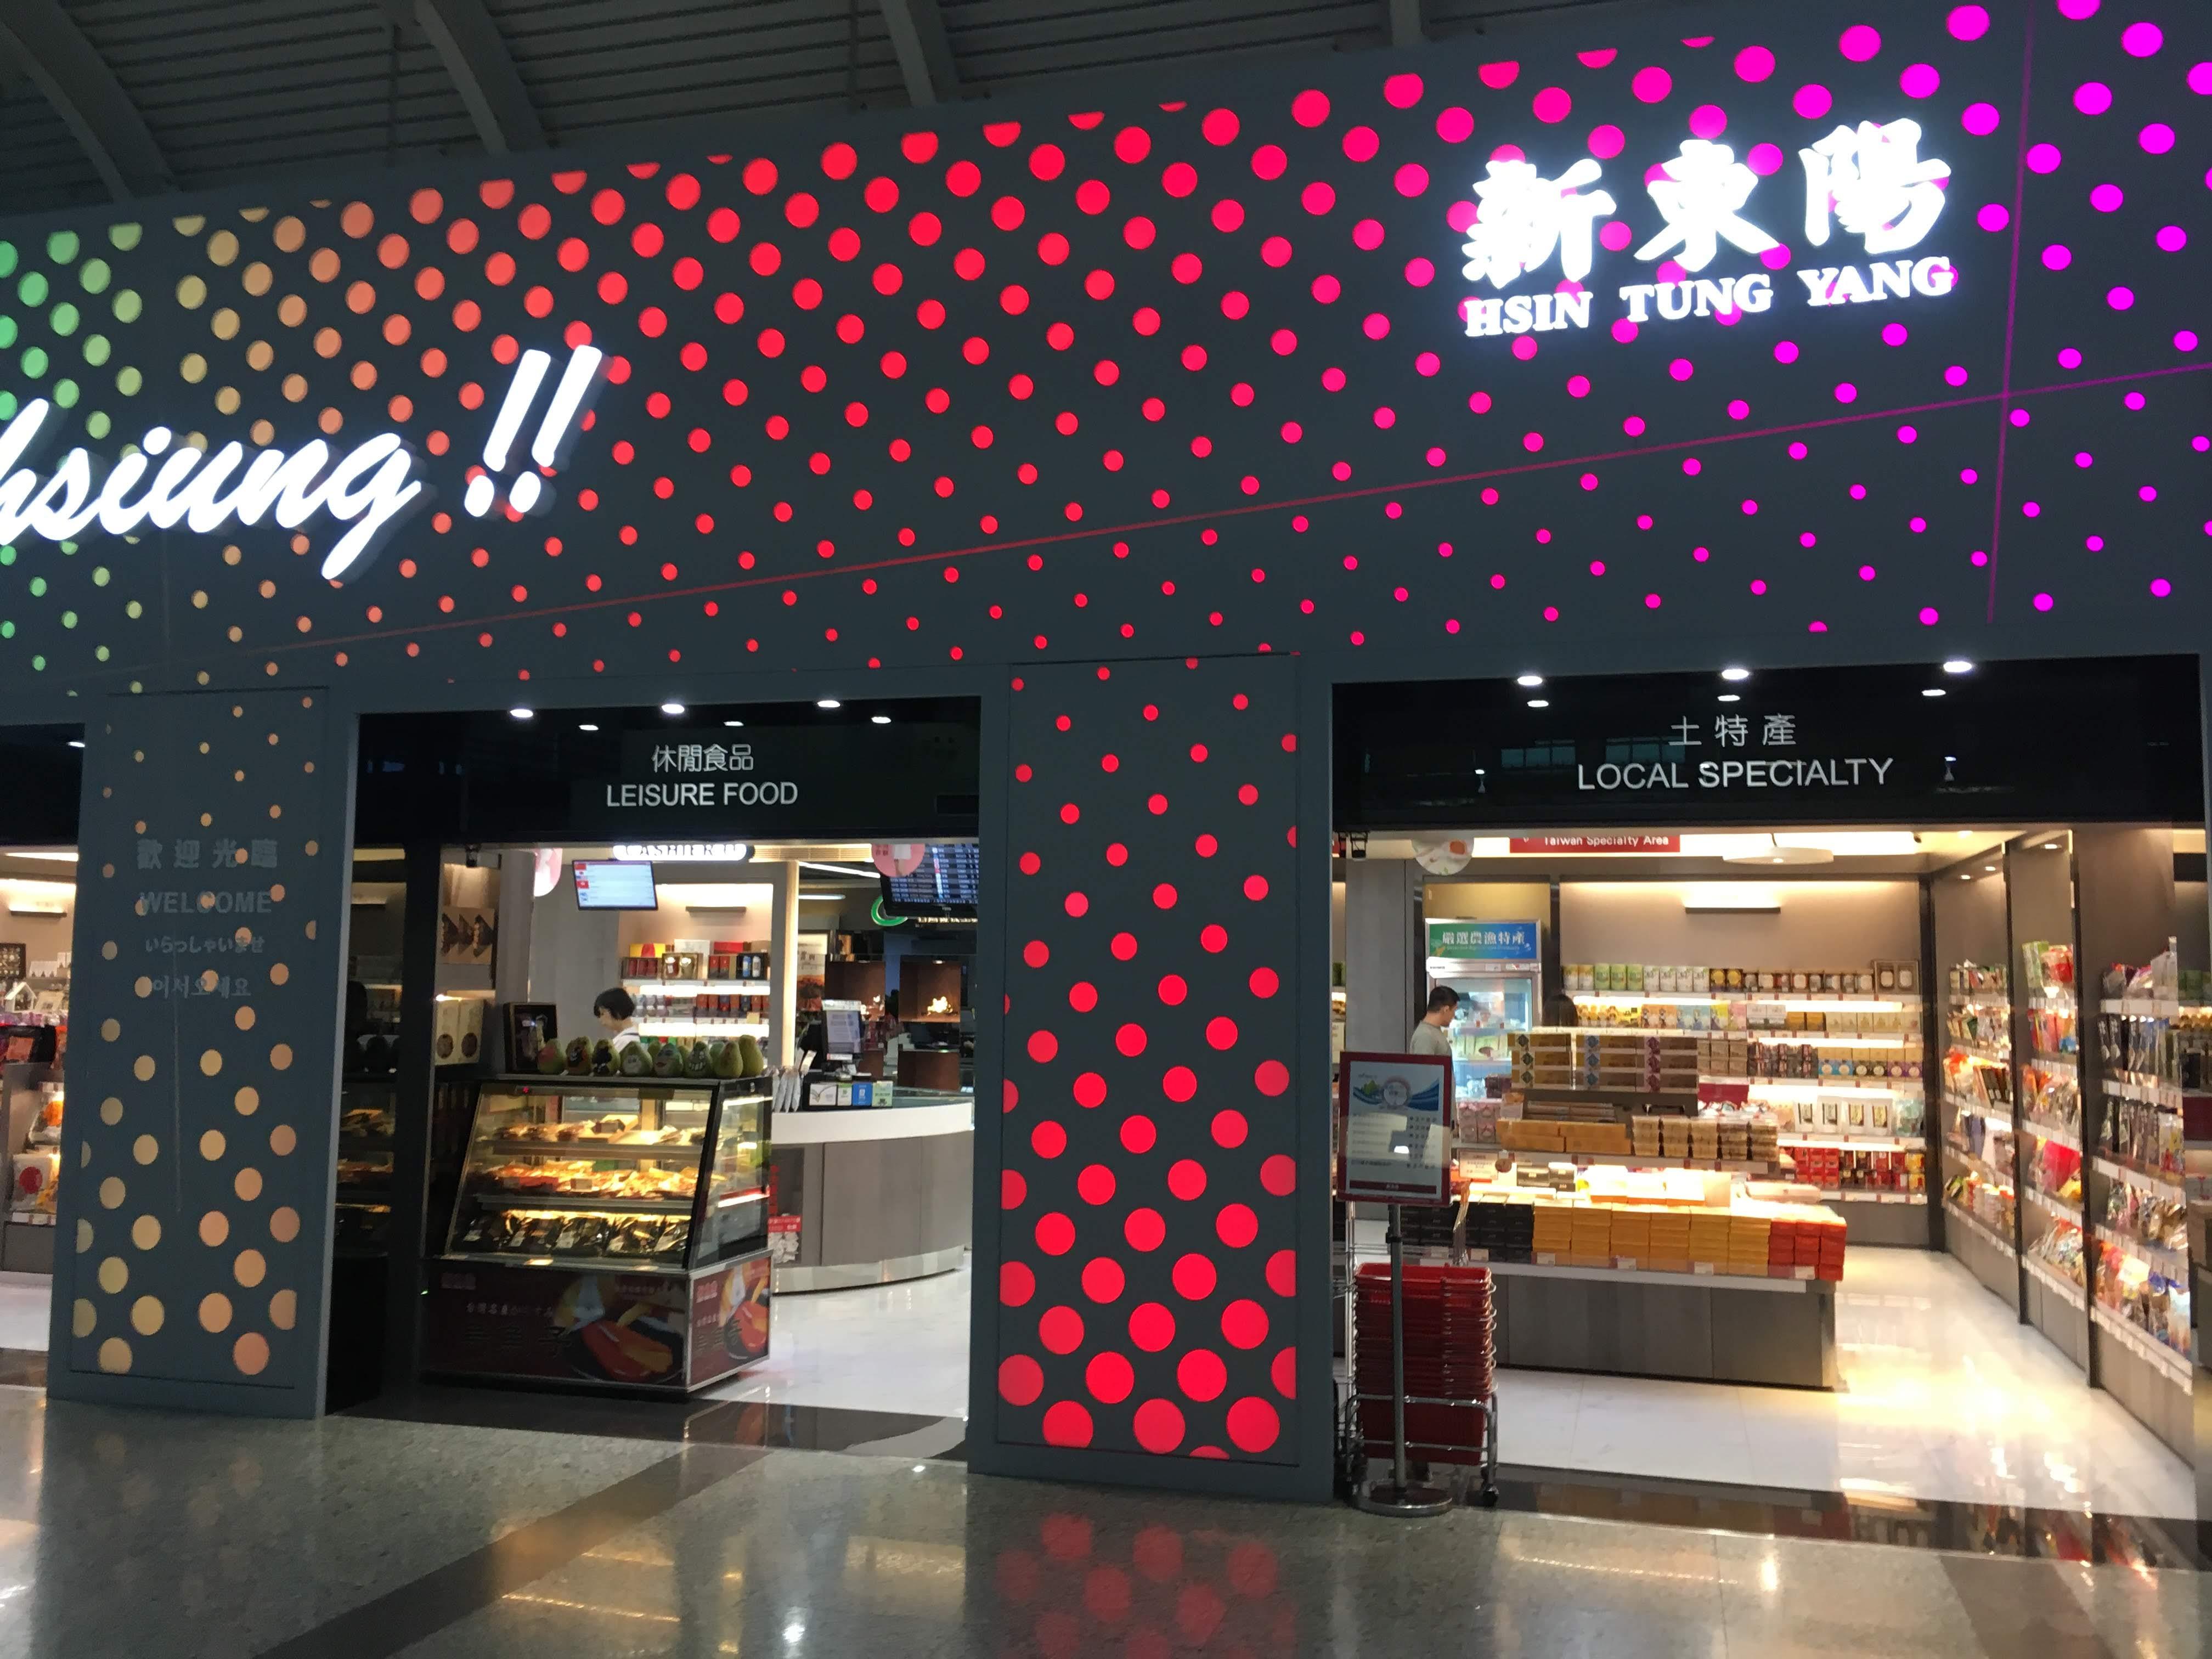 高雄空港・新東陽: 台湾の定番のお土産屋さん/グルメ・お菓子・雑貨などのお土産